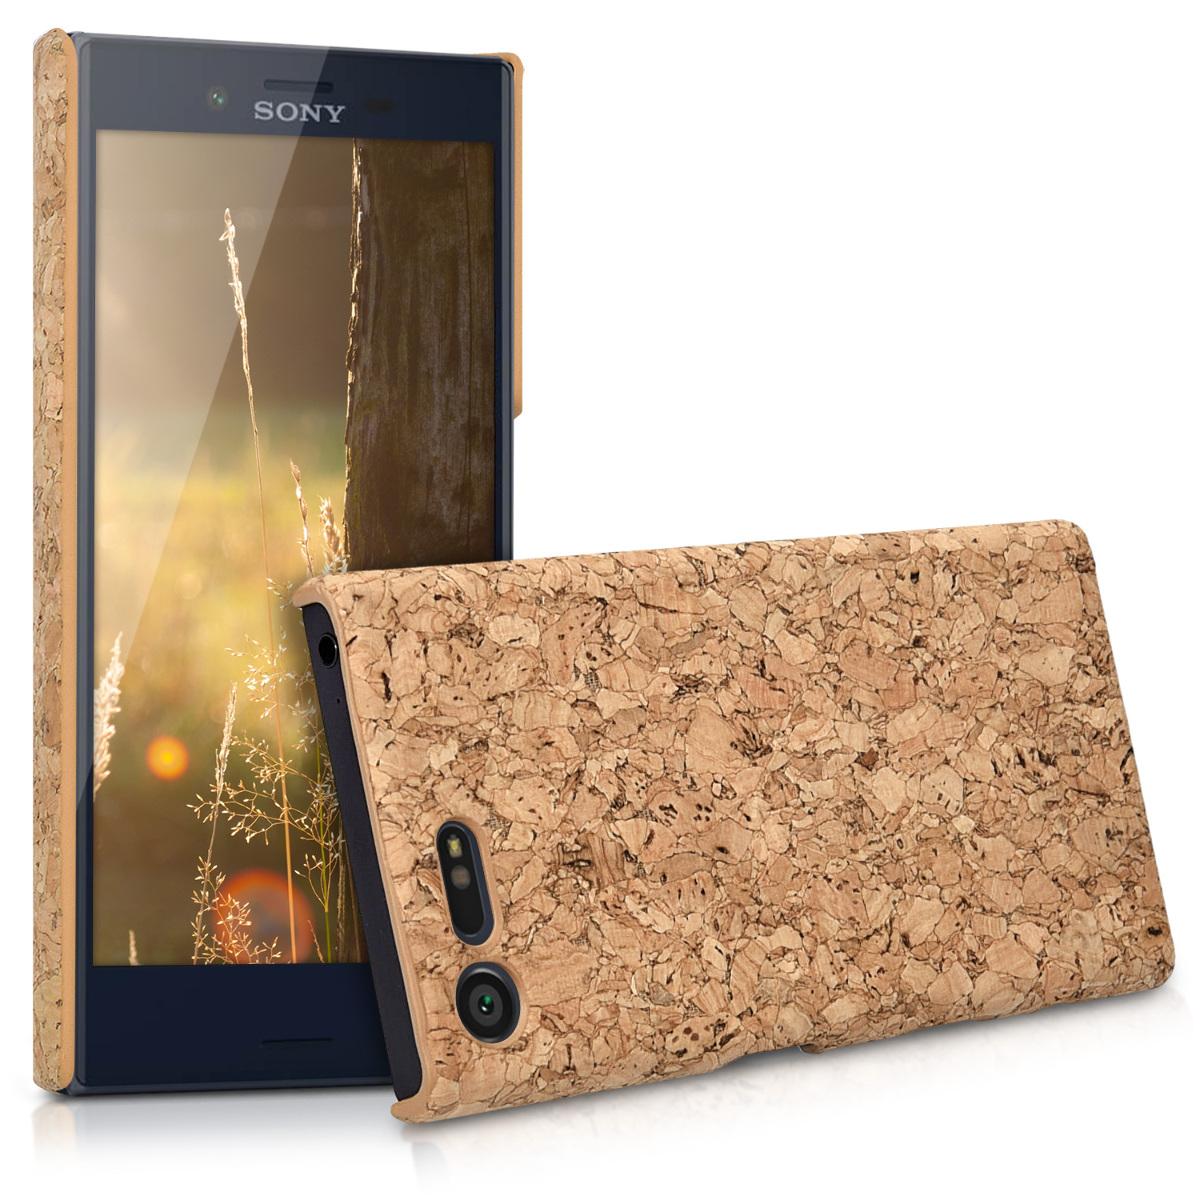 Korkové pouzdro | obal pro Sony Xperia X Compact - světle hnědé